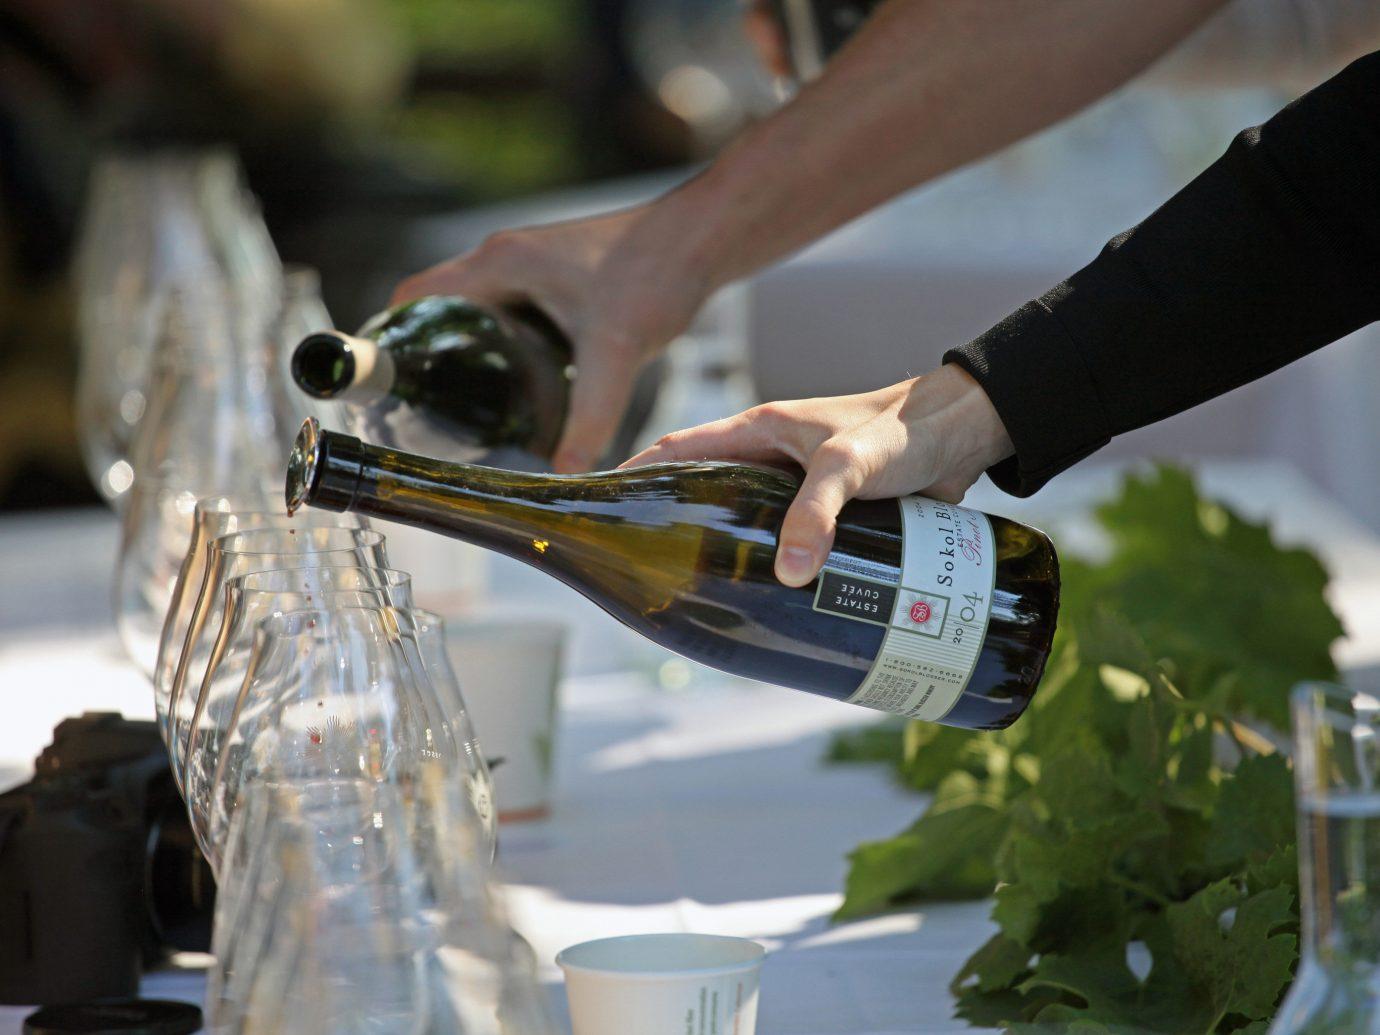 Offbeat person indoor Drink sense wine